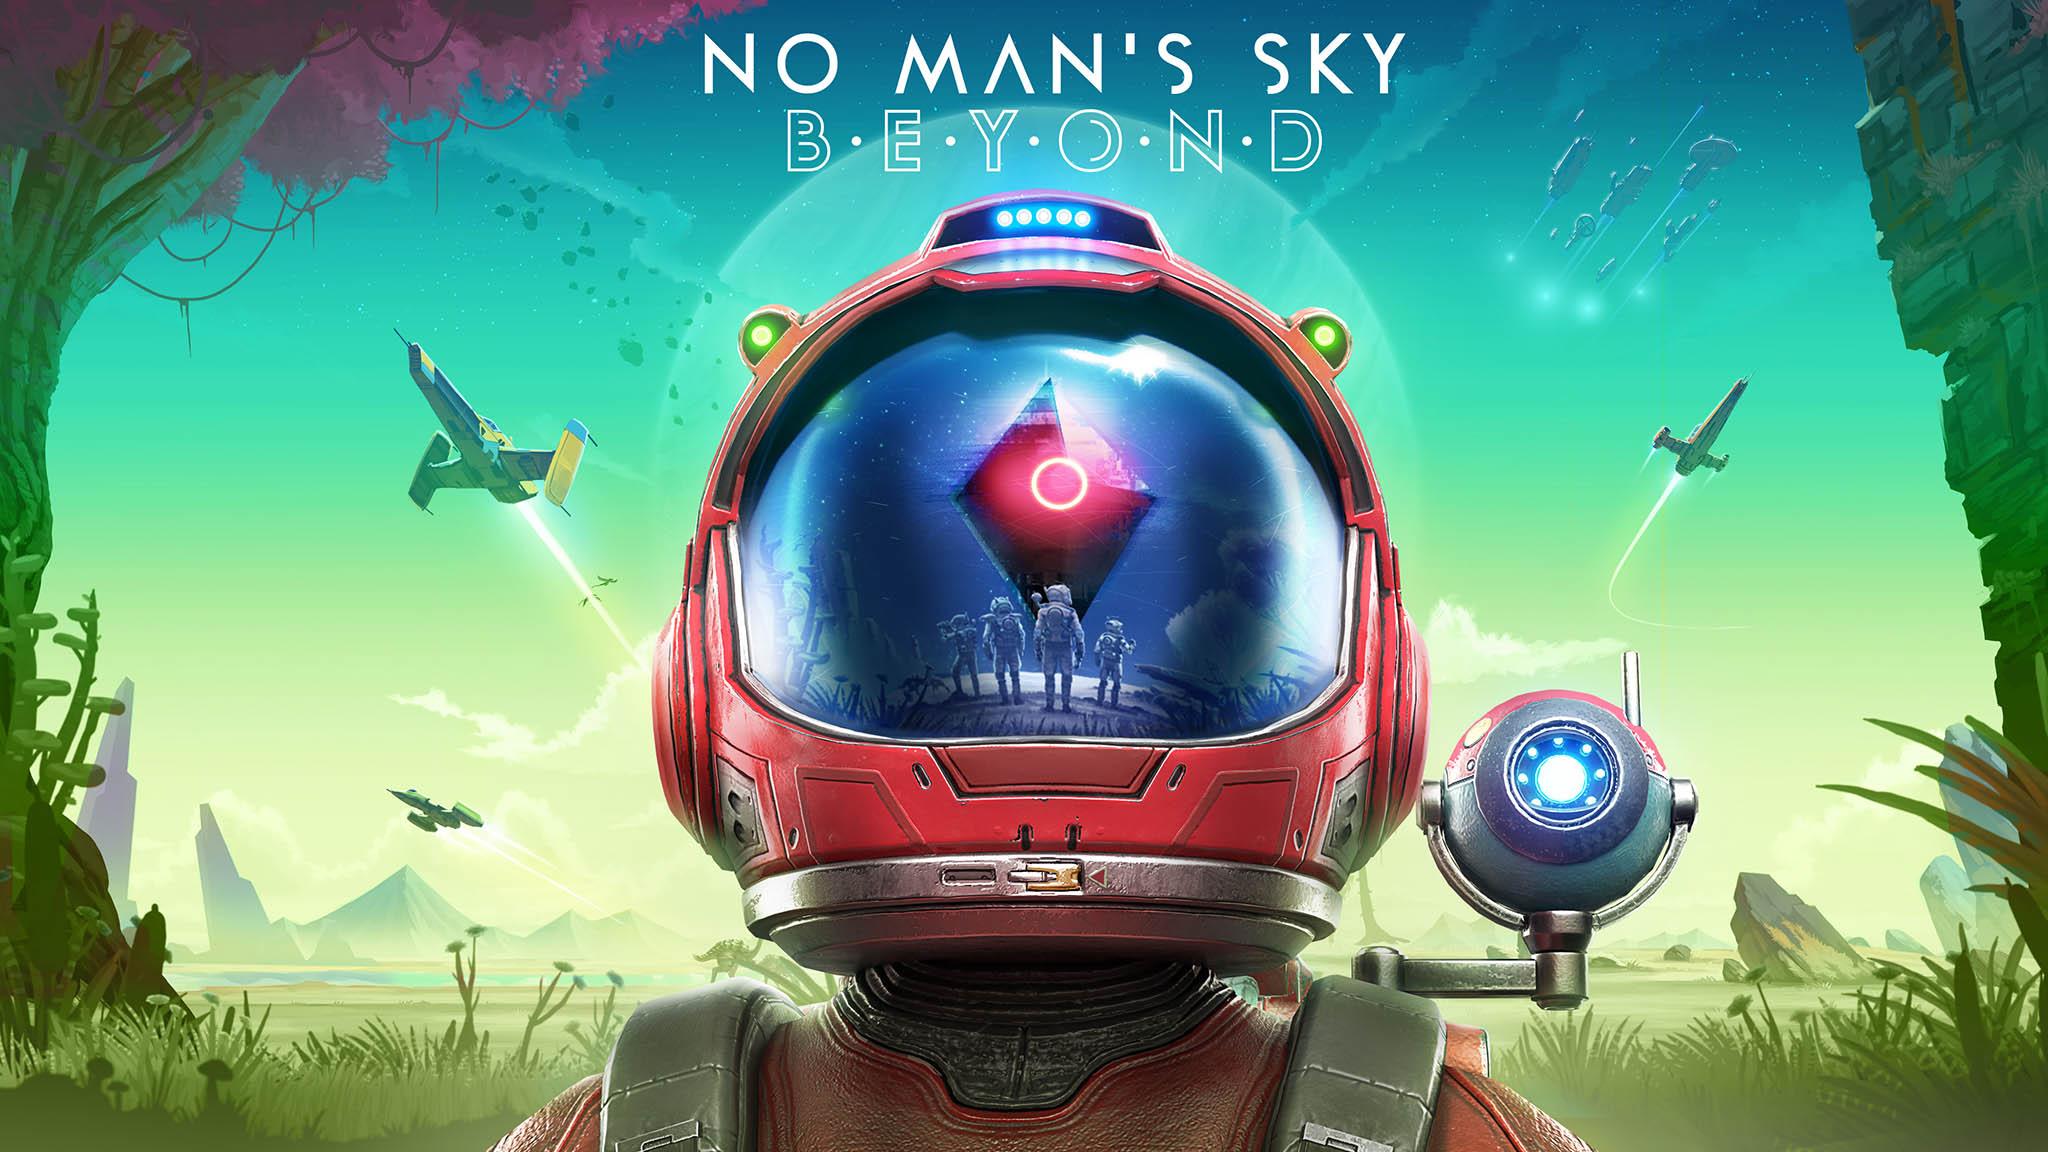 Poslední update hry No Man'sSky, který vyšel tento týden, přidává možnost projít si celou hrou vevirtuální realitě naPC iPlayStation 4.